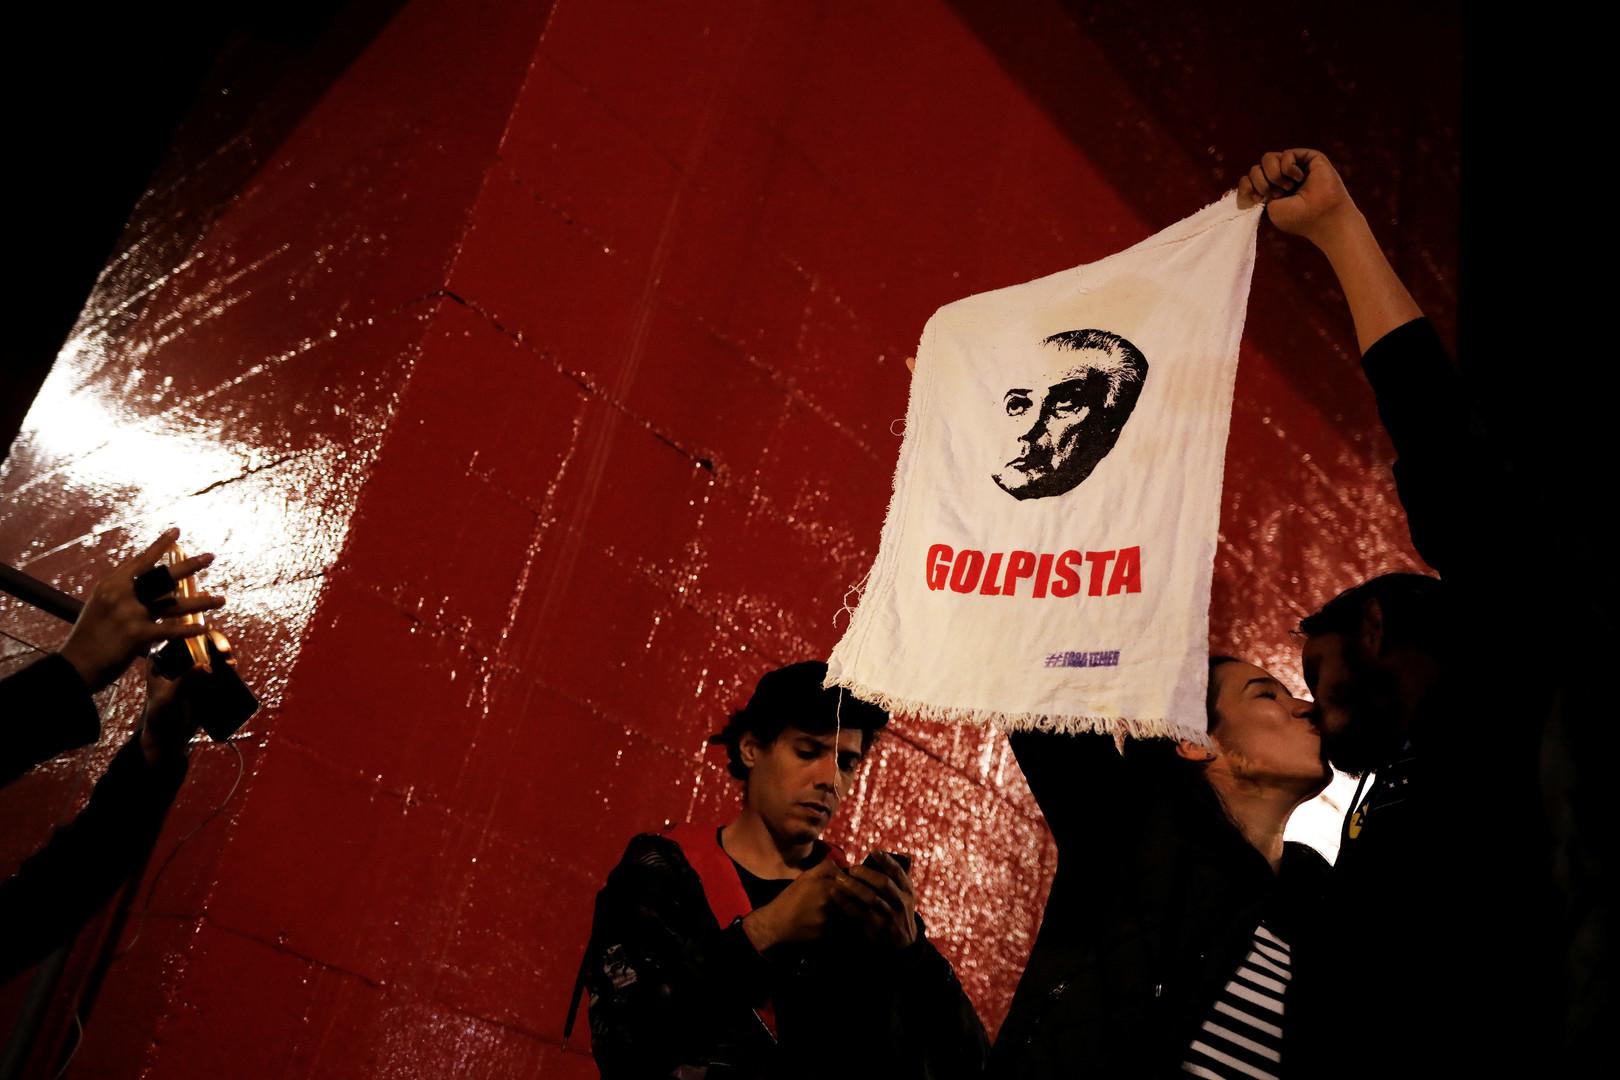 Mitwisser um Korruptionsskandal zum Schweigen gebracht: Brasiliens Präsident Temer schwer belastet